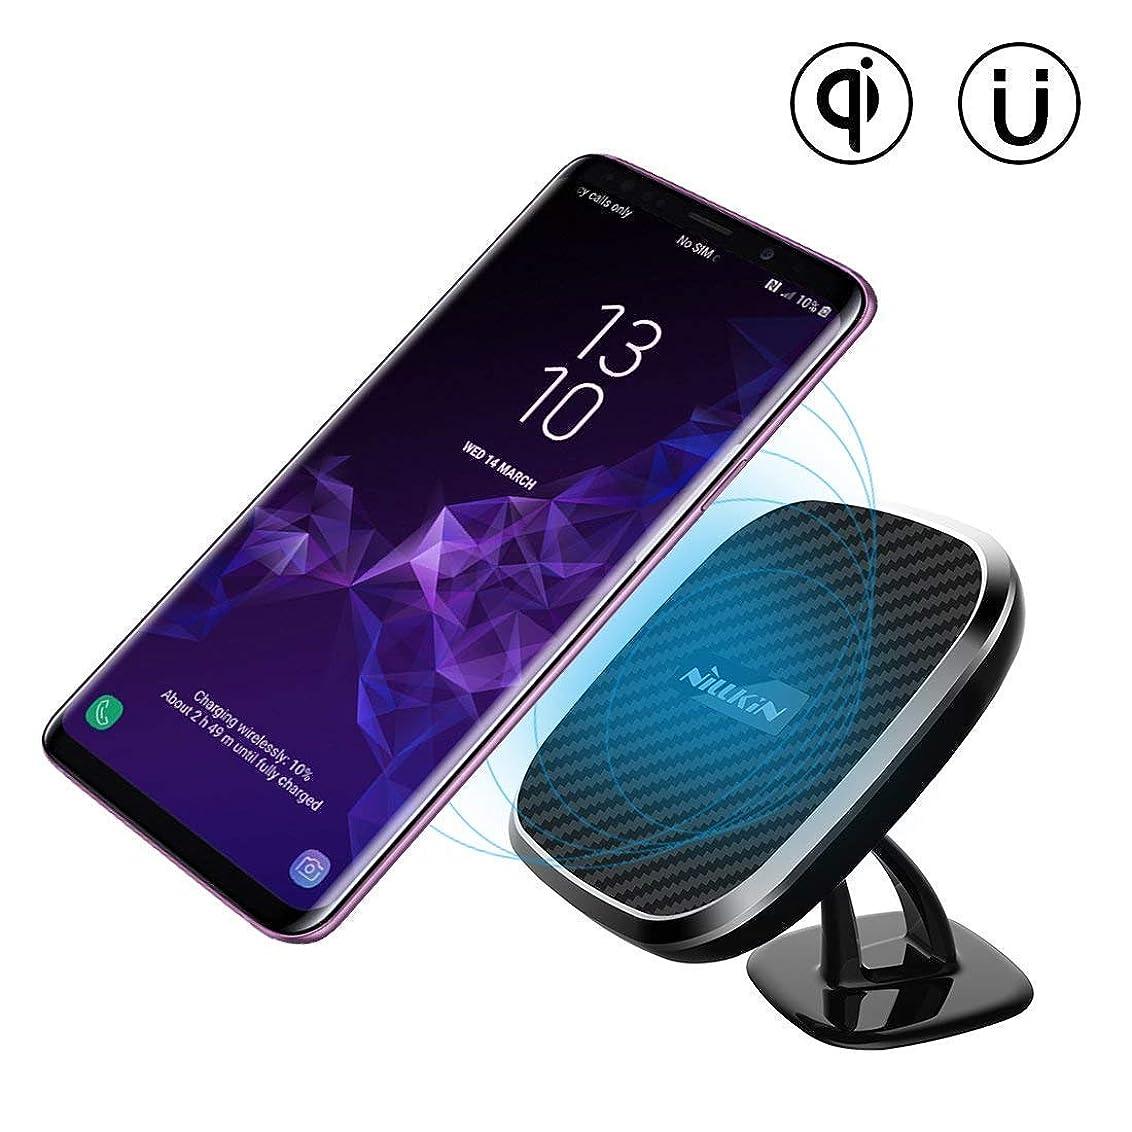 マーク一次ホストNILLKIN Qi(チー) 急速車載ワイヤレス充電器 無線充電パット 車載ホルダー 置くだけで充電 超便利 エアコン吹き出し口用 360°回転可能 指示ライト付き 全機種対応 iPhone 11/11 Pro/11 Pro Max/XS Max/XS/XR/X/8/8Plus,Galaxy Note 10/S10//S8/S7/S7 edge/S6/S6 edge 等に対応(Cタイプ)